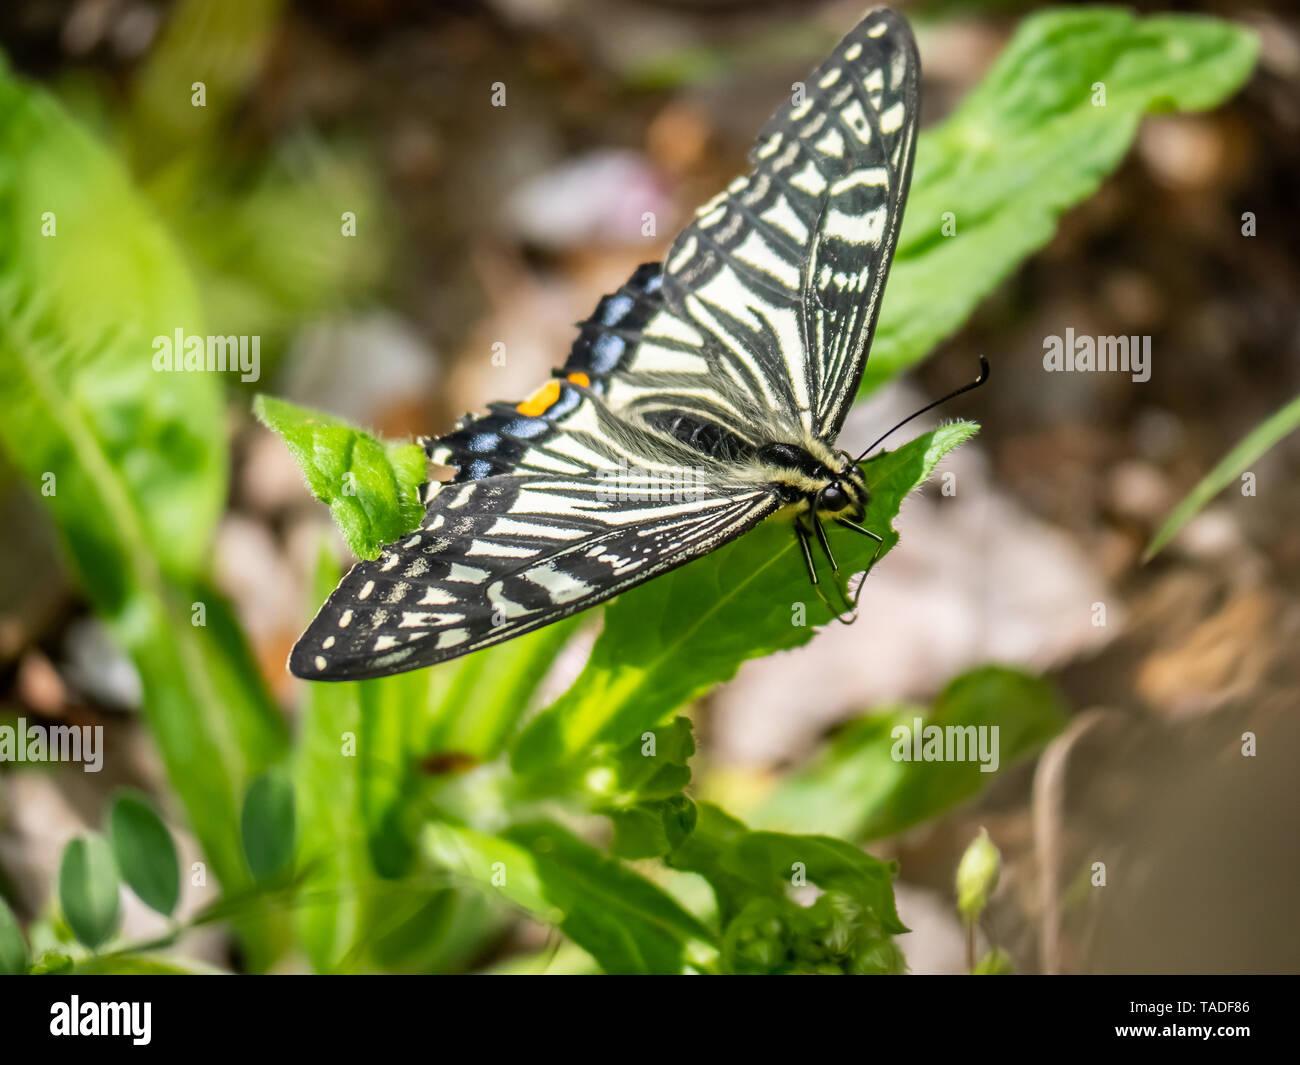 Una especie asiática china, mariposas papilio xuthus, descansa sobre una hoja entre alimentándose de flores. Foto de stock